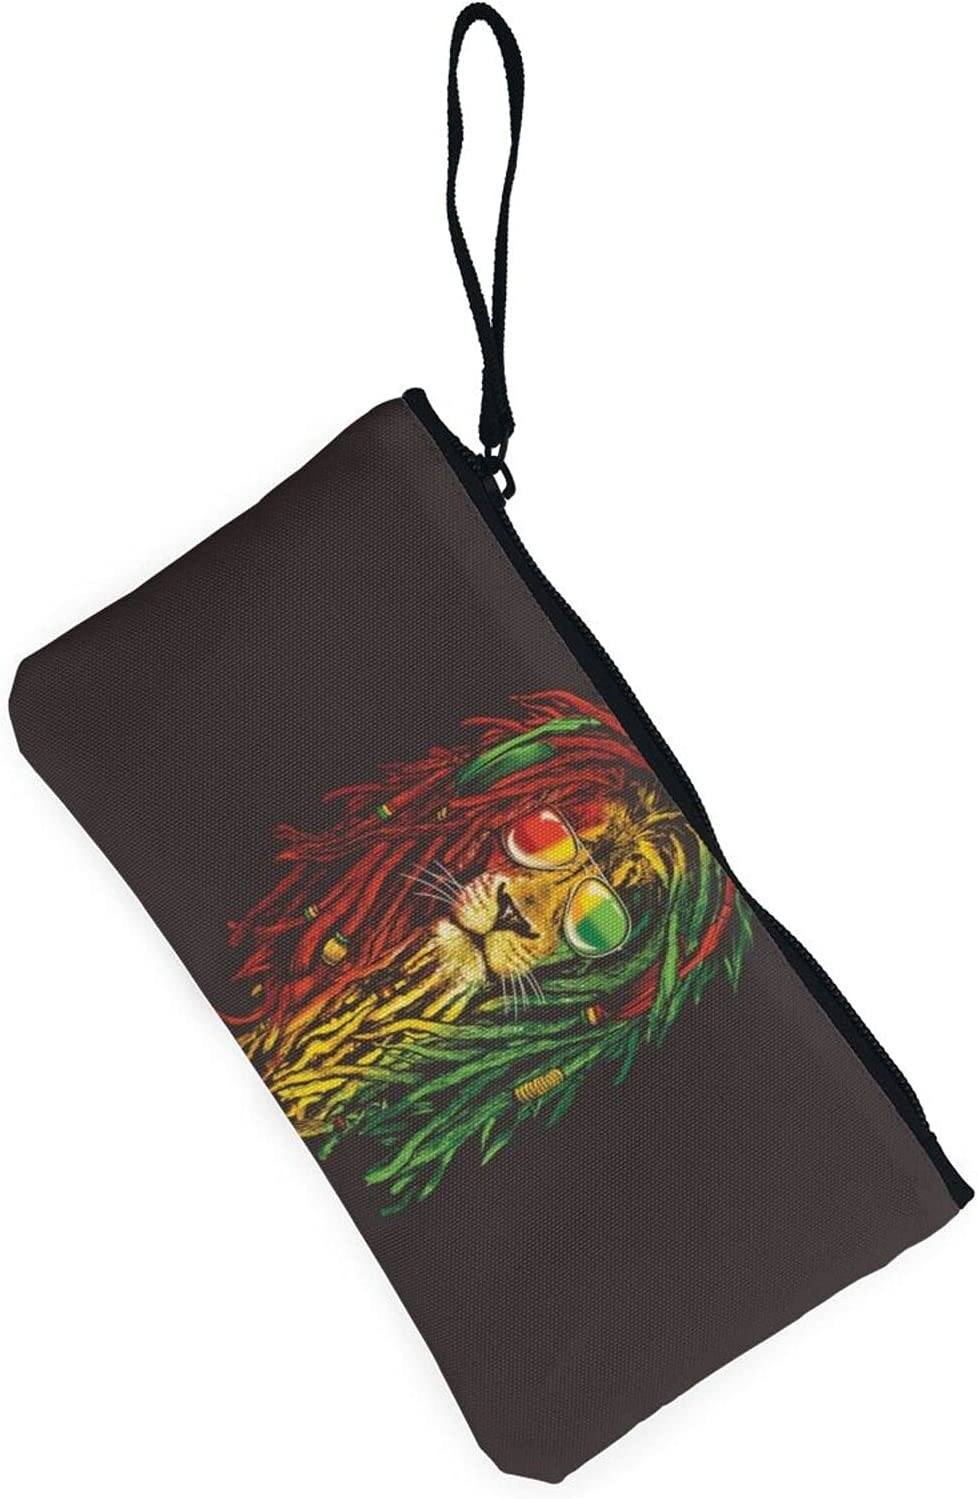 AORRUAM Cool Lion Canvas Coin Purse,Canvas Zipper Pencil Cases,Canvas Change Purse Pouch Mini Wallet Coin Bag